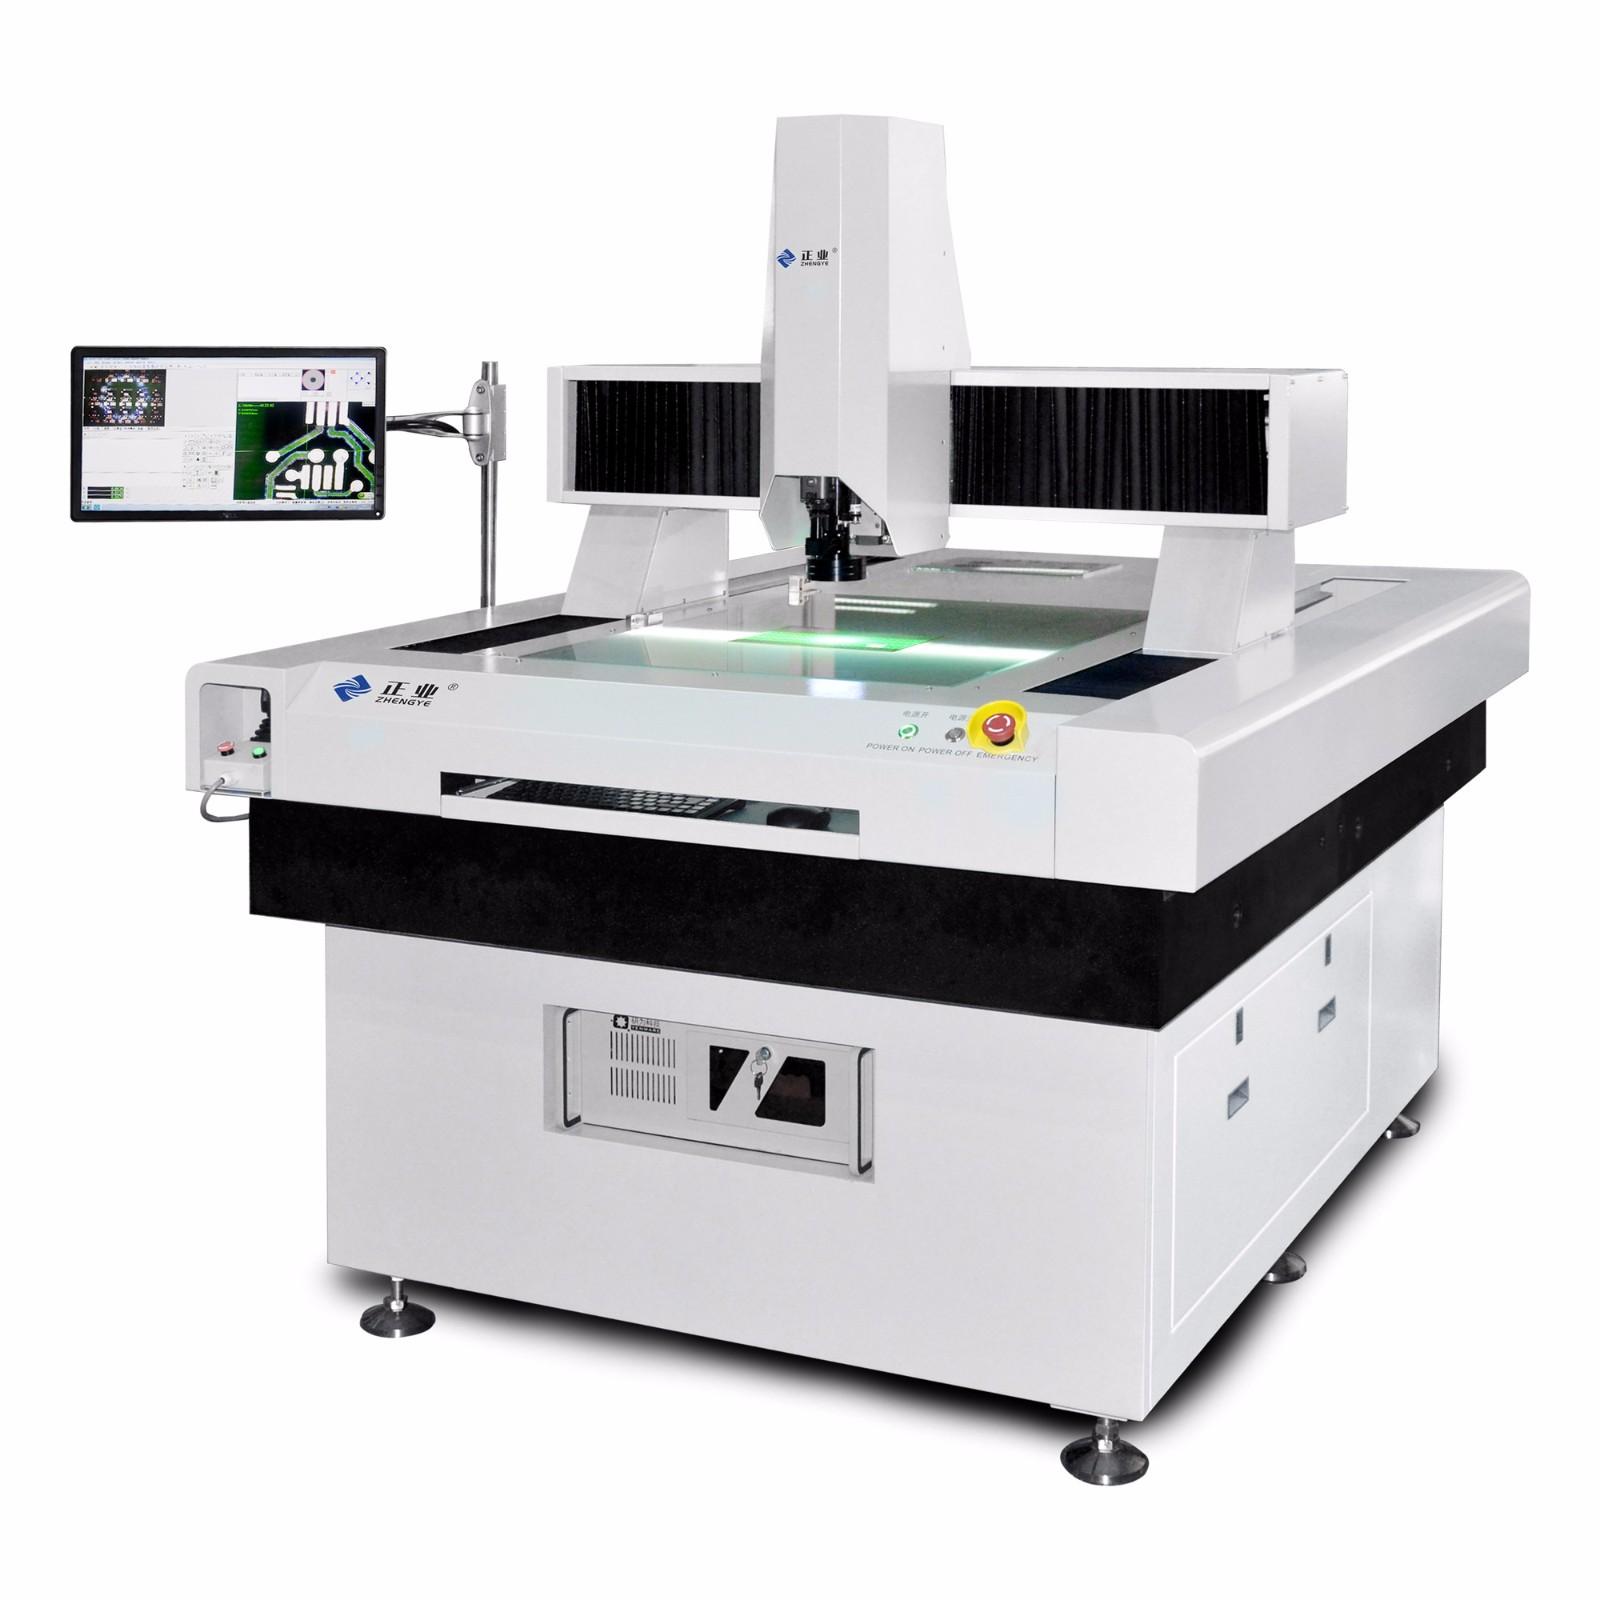 正业自动/手动二次元影像测量仪特点 1、光学系统品质优良,影像明亮清晰,图像还原性好; 2、X、Y向采用空气轴承,花岗石导向,可长时间工作,并保证了机械系统的稳定; 3、工作台使用德国无牙螺杆和滚珠,丝杆传动; 4、环形LED冷光源,使用寿命长,测量时不会产生热变形; 5、三轴采用日本松下伺服电机传动;